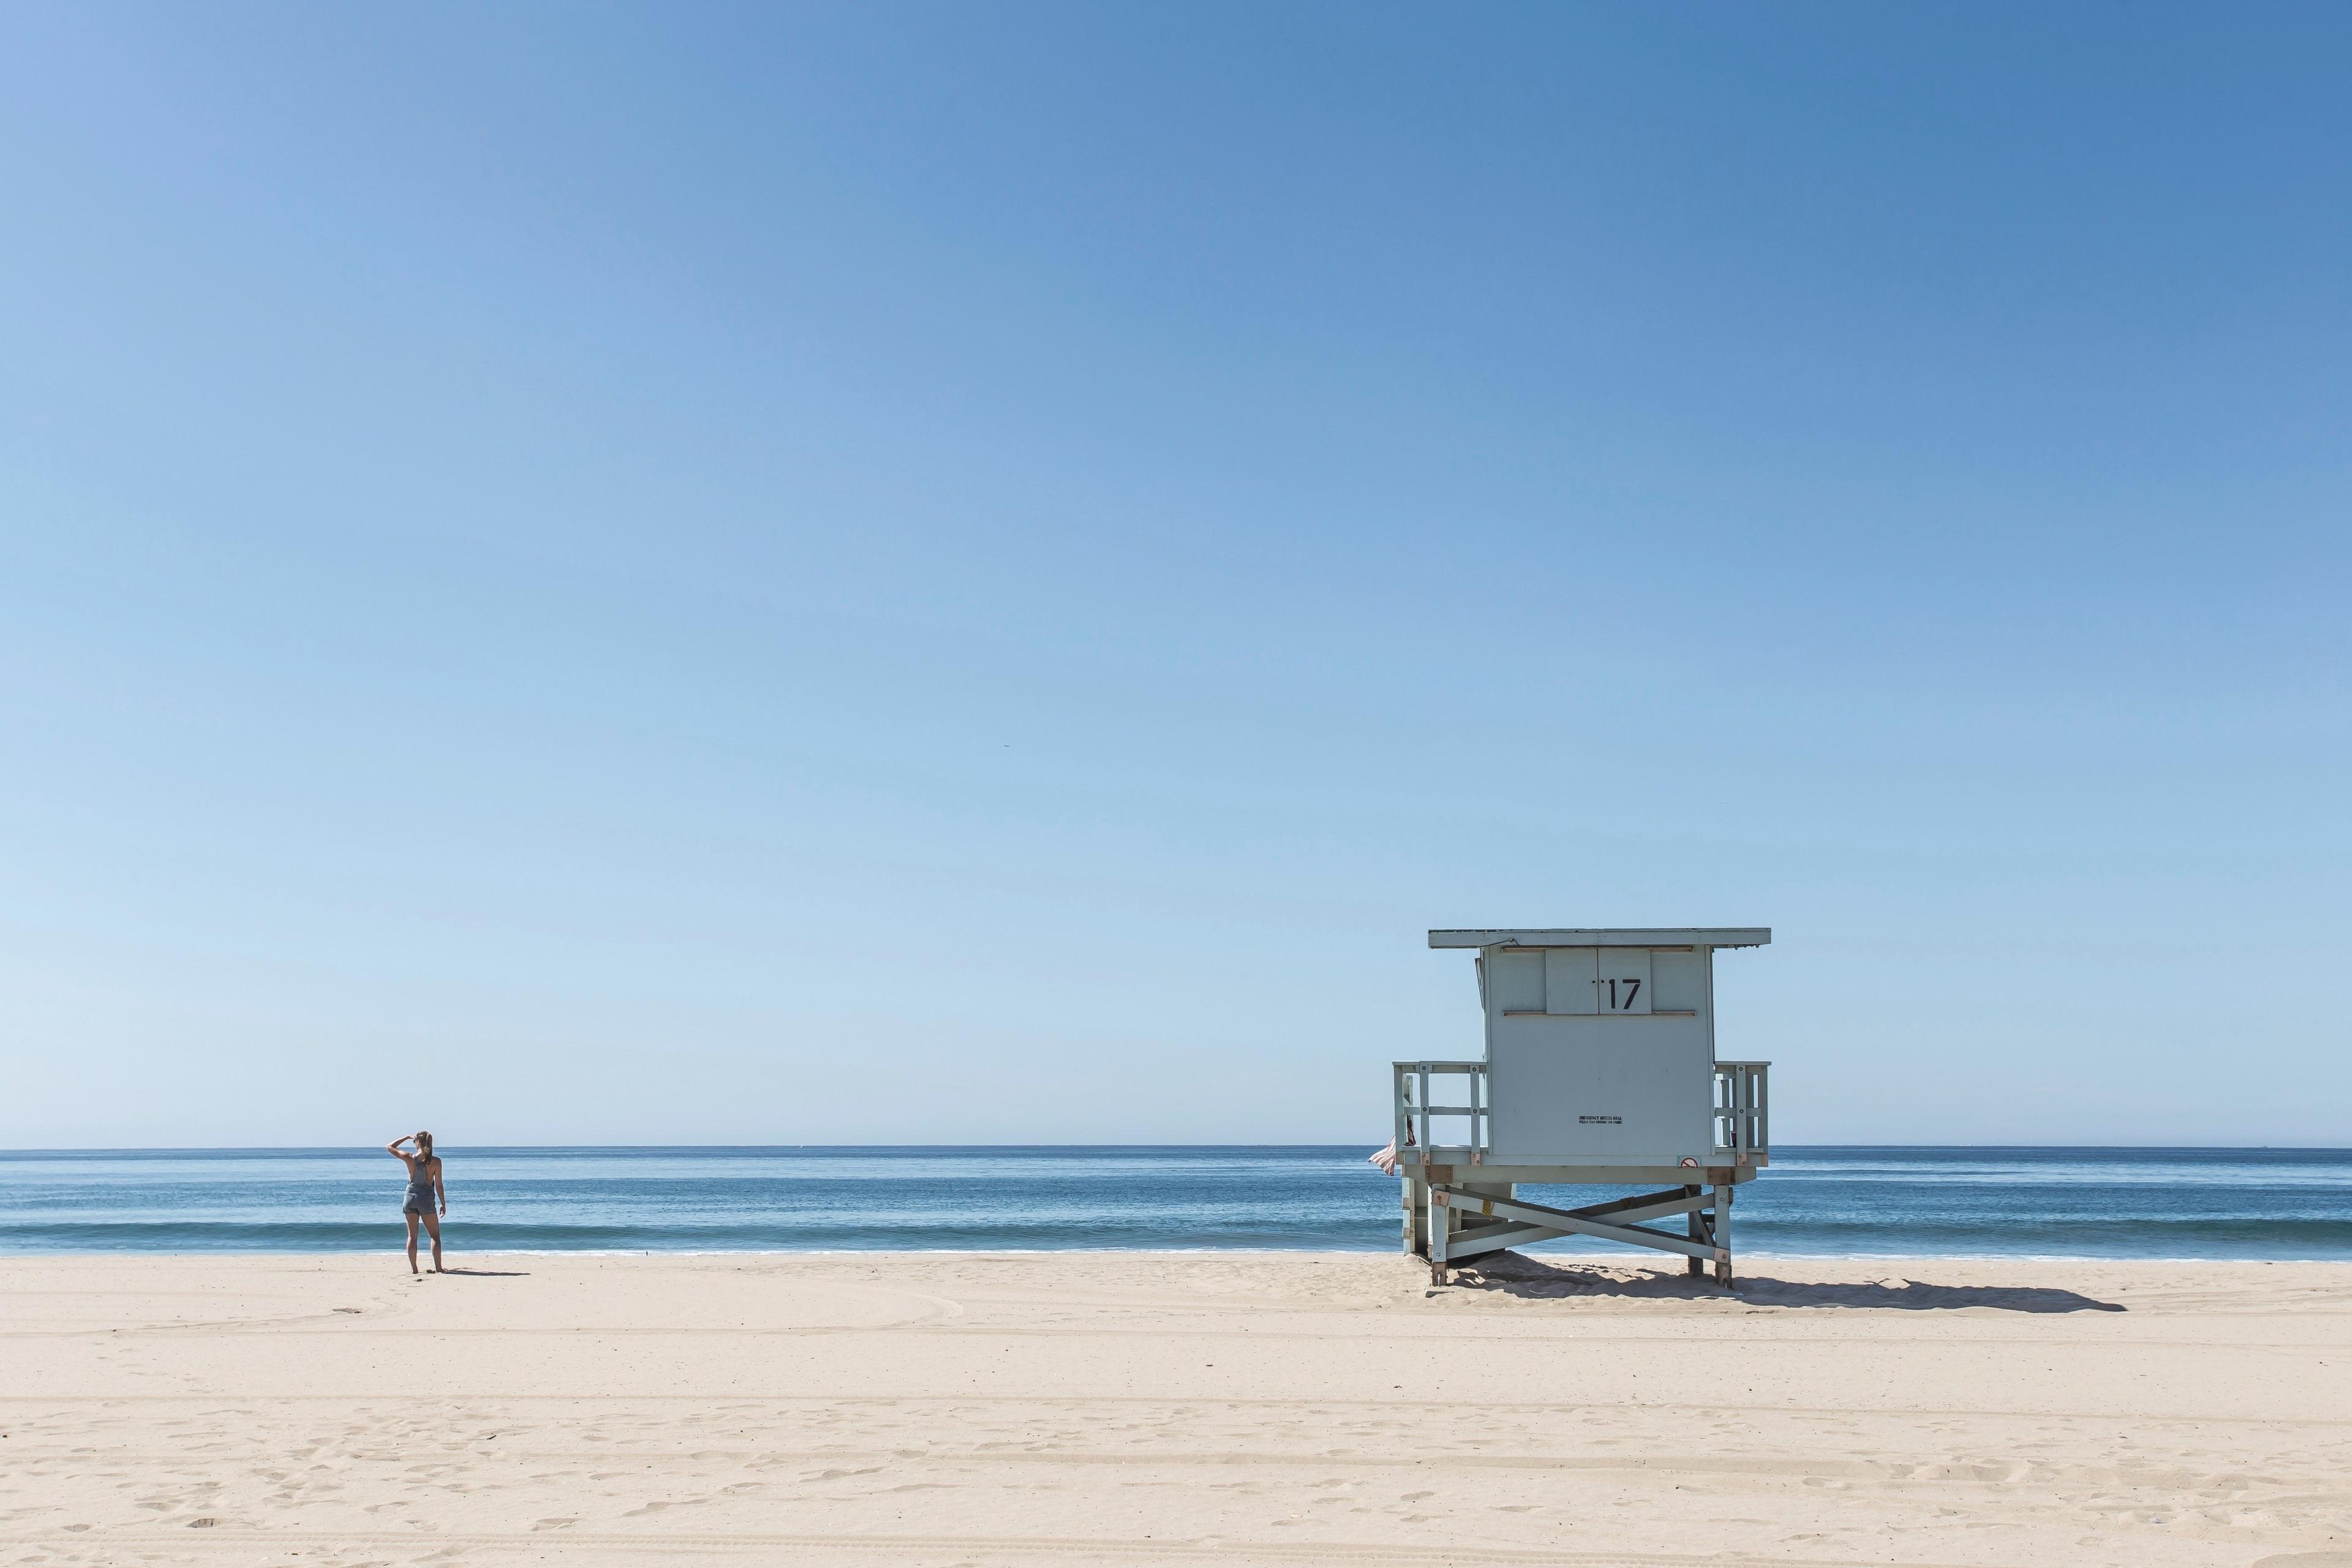 Sfondi pc spiagge